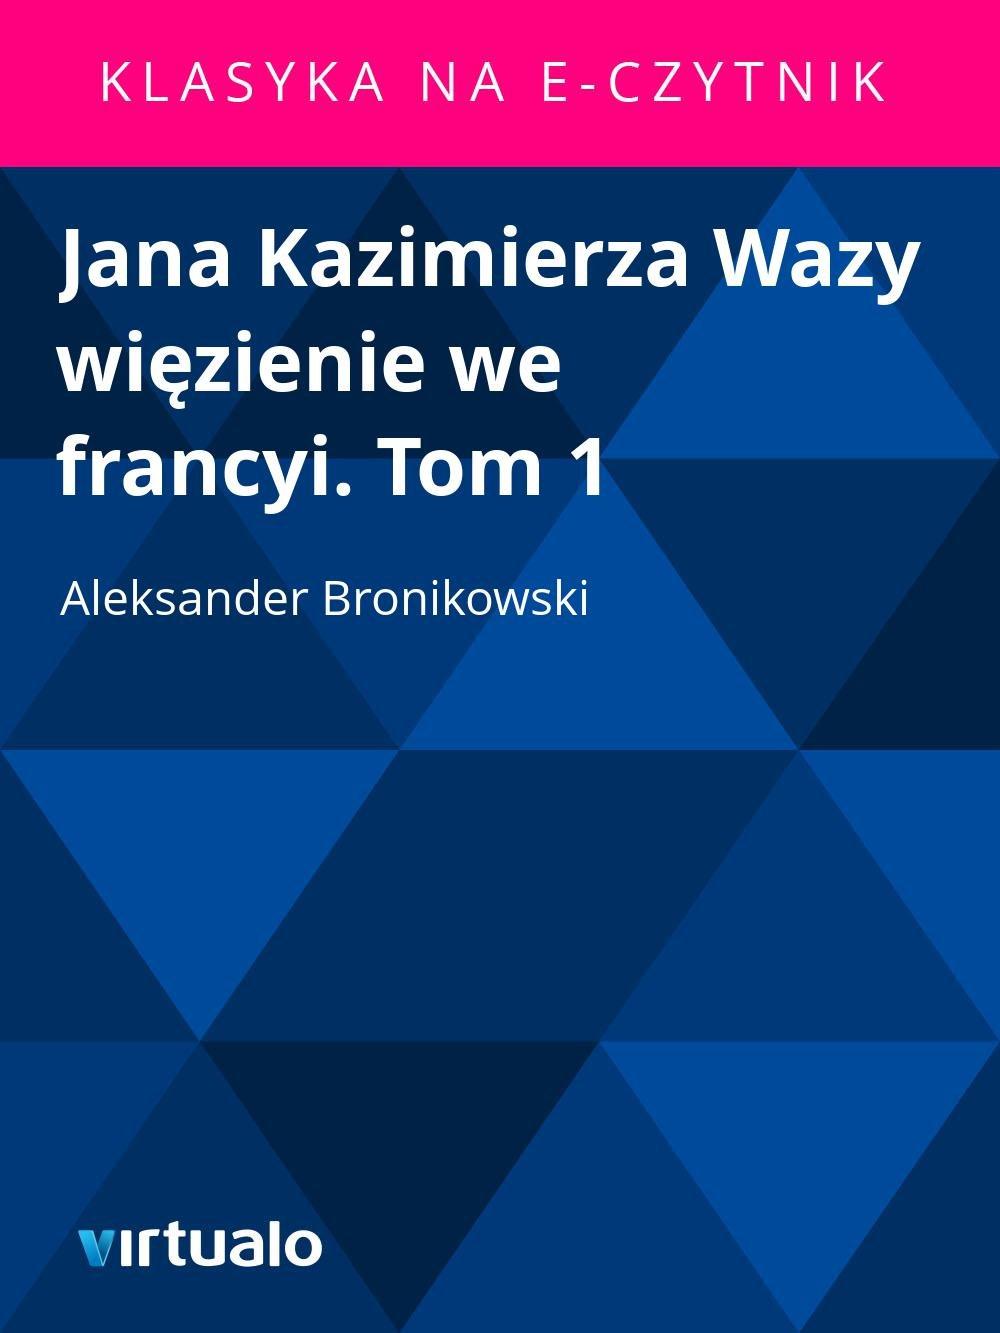 Jana Kazimierza Wazy więzienie we francyi. Tom 1 - Ebook (Książka EPUB) do pobrania w formacie EPUB